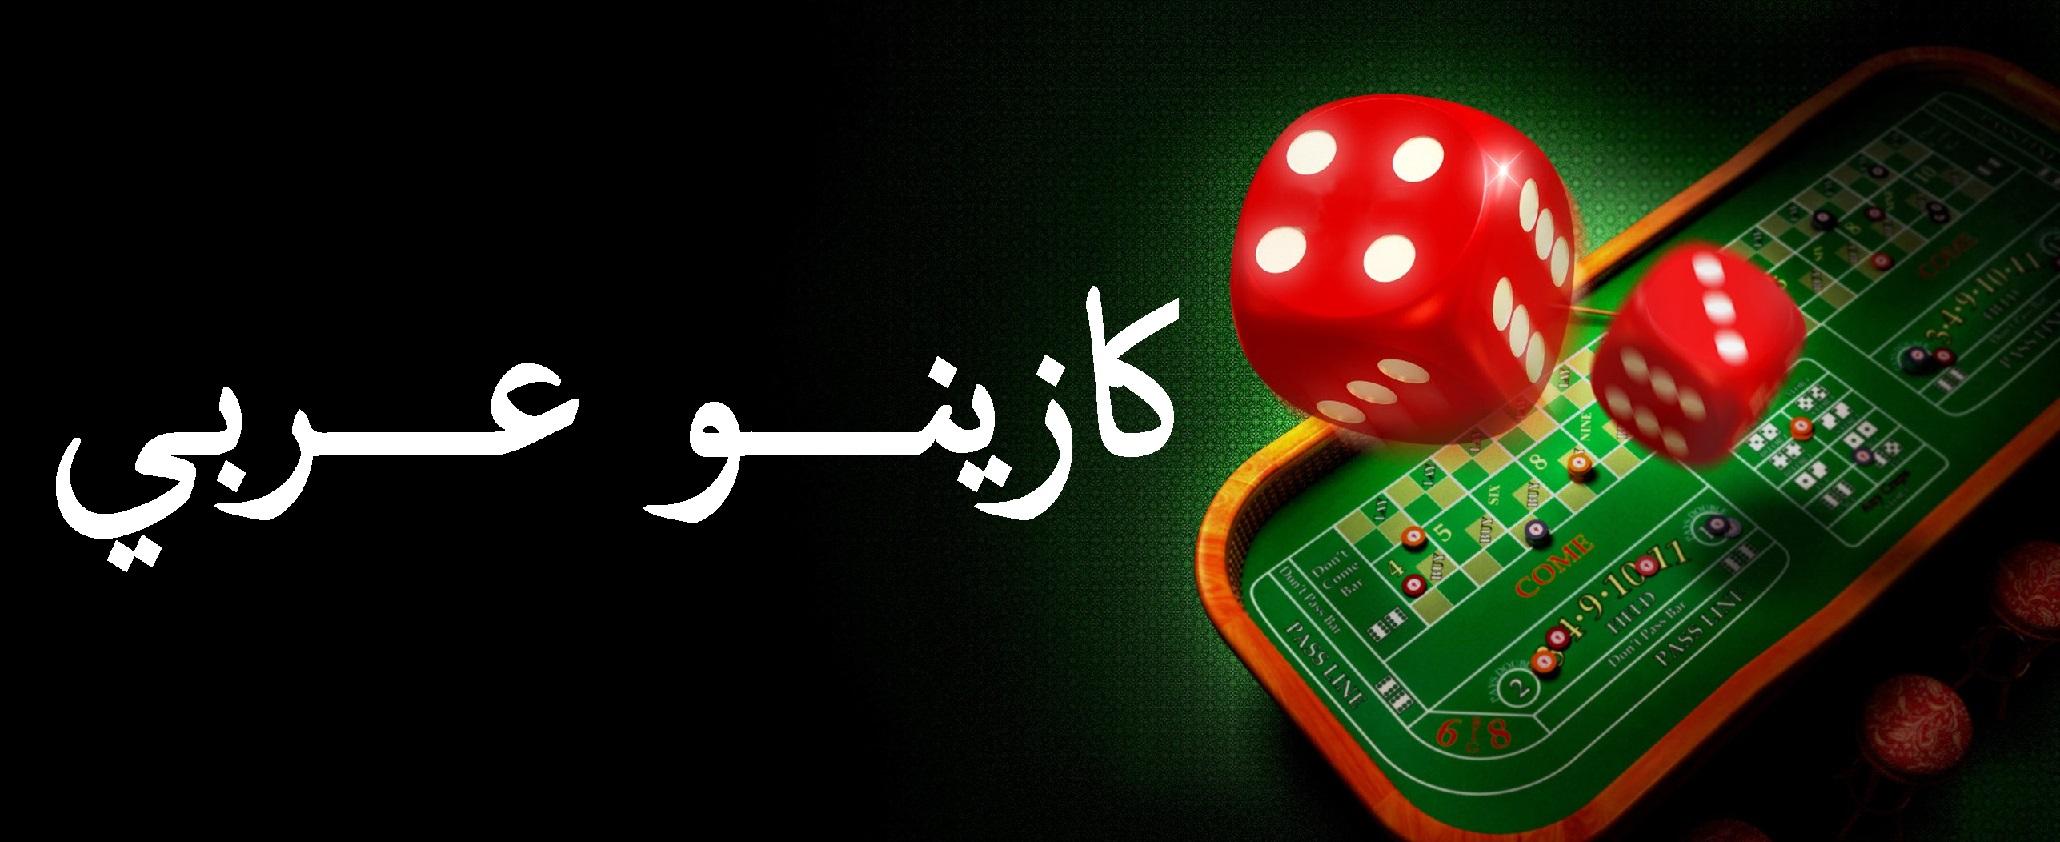 لعبة روليت مجانيه - 11846